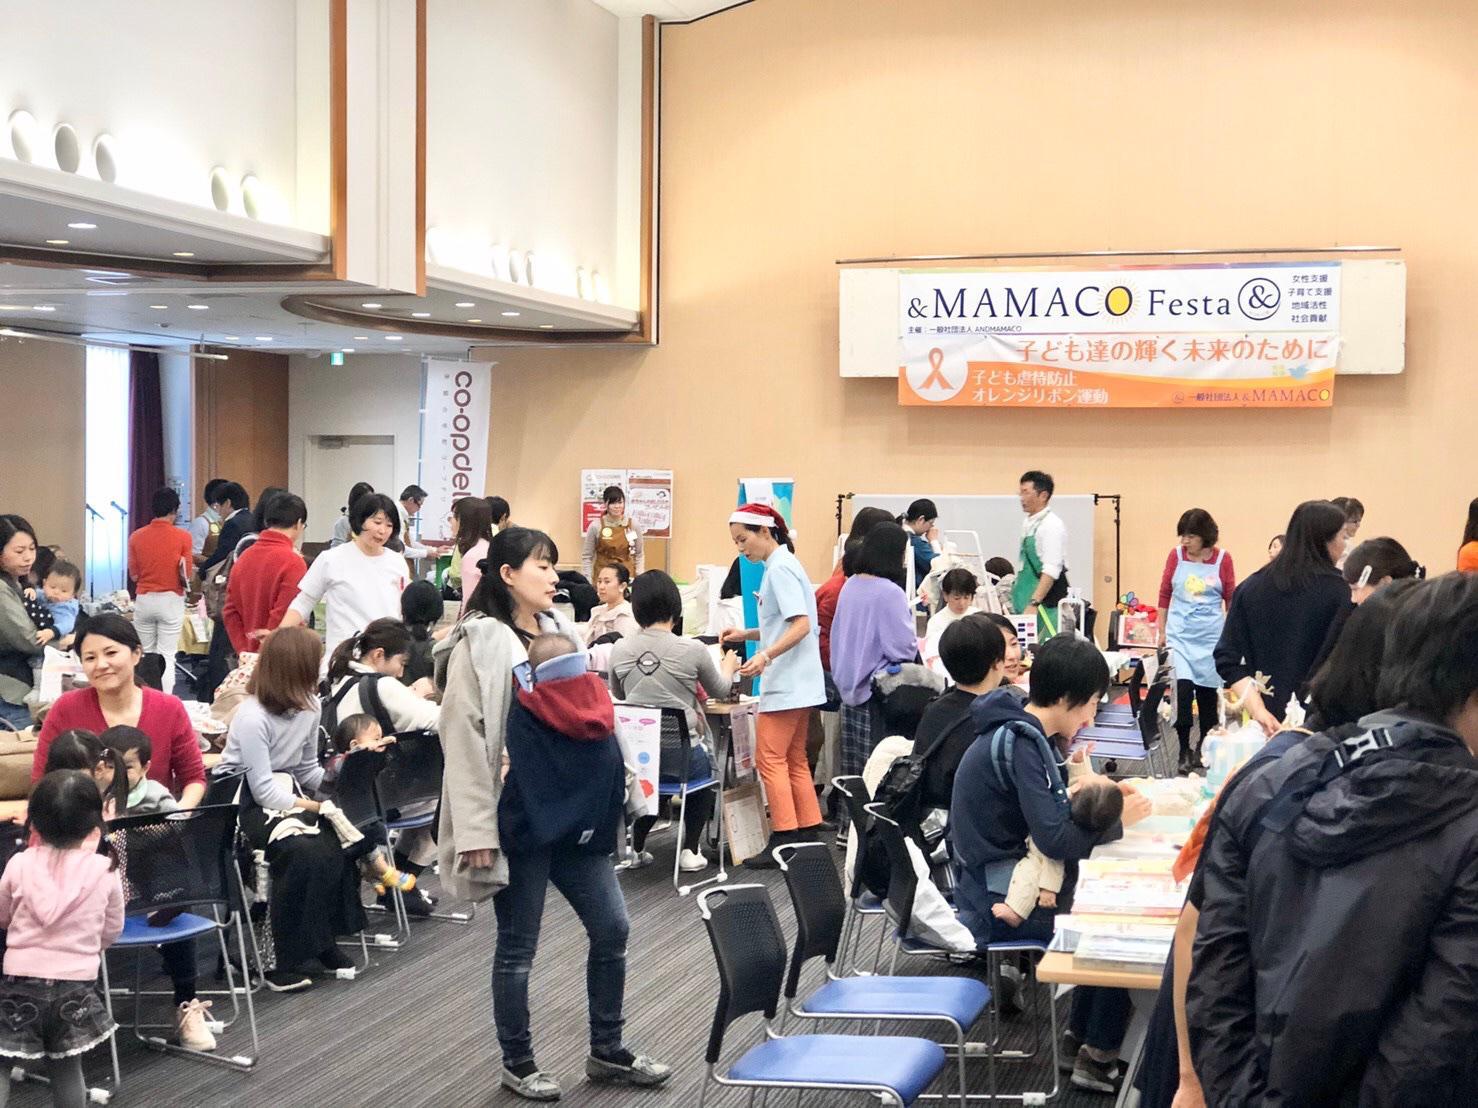 http://www.orangeribbon.jp/info/organization/57cd0d38d2f1c47b392f4f8c2cccf9b4638487cf.jpg